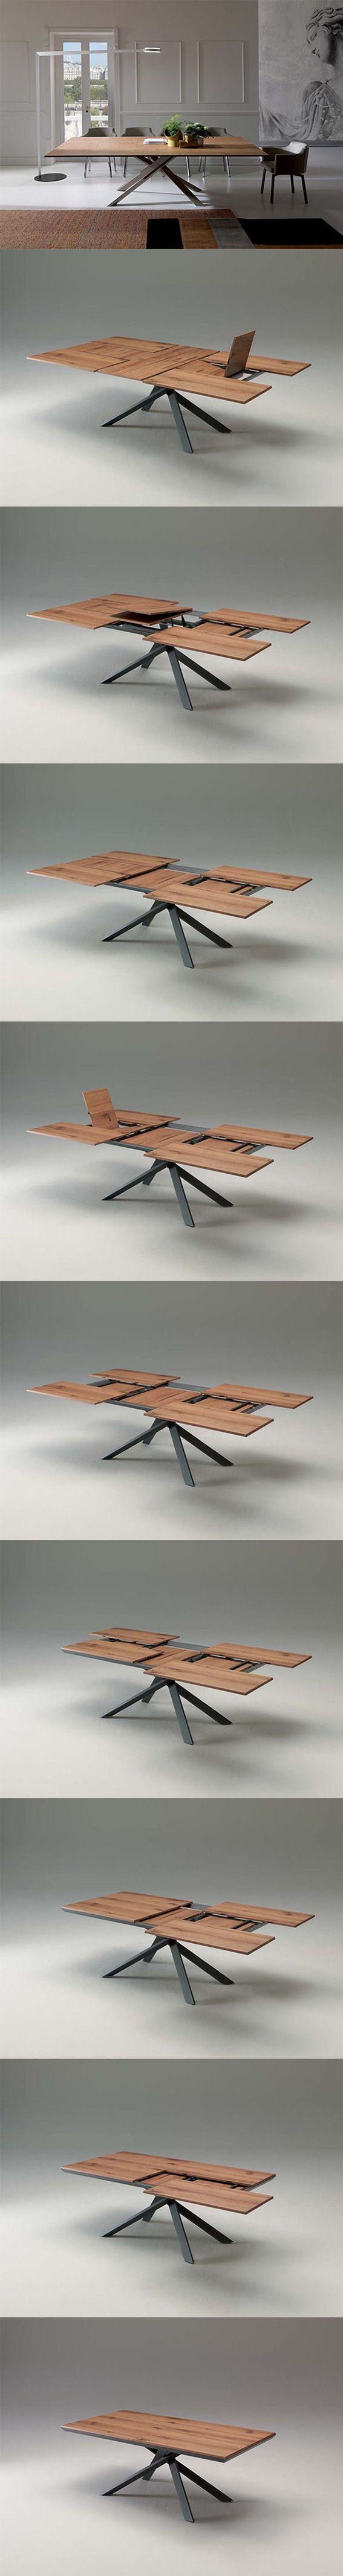 Il #tavolo perfetto per il tuo #Natale è 4x4 firmato @Ozzio L'innovativo tavolo 4x4 possiede un sistema d'apertura esclusivo, basato sullo scorrimento geometrico dei piani che consentono di passare da cm 100x200 (chiuso) ad un estensione di cm 138x254 aperto. Piano in vero #legno disponibile in diverse finiture. Scoprile tutte al link ➜ http://arredok.com/tavolo-allungabile-ozzio-4-x-4.html